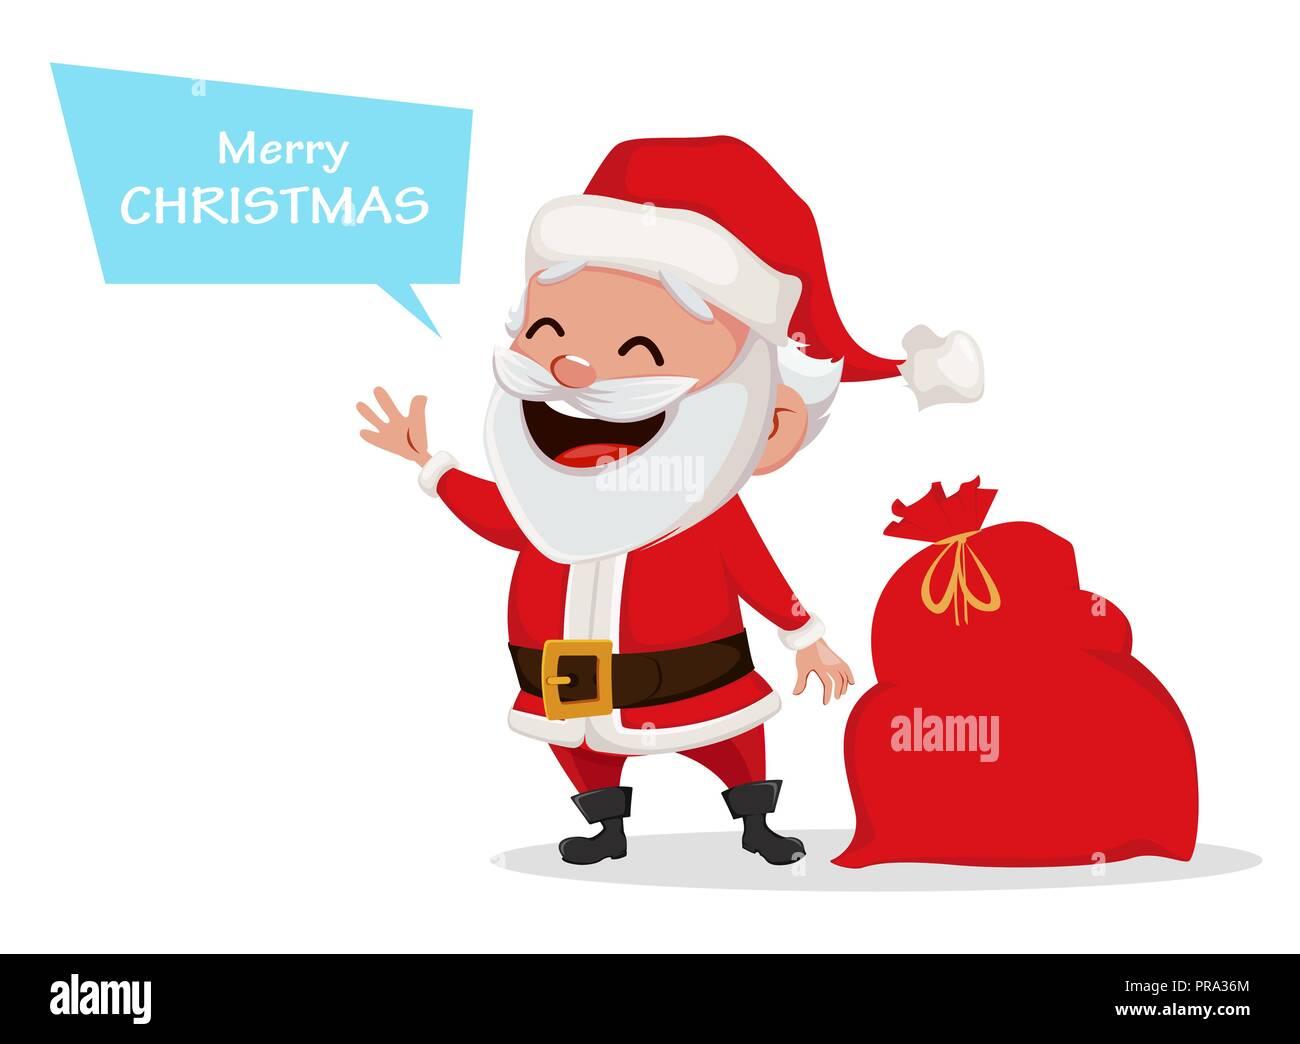 Parole Di Buon Natale.Auguri Di Buon Natale Funny Santa Claus Allegro